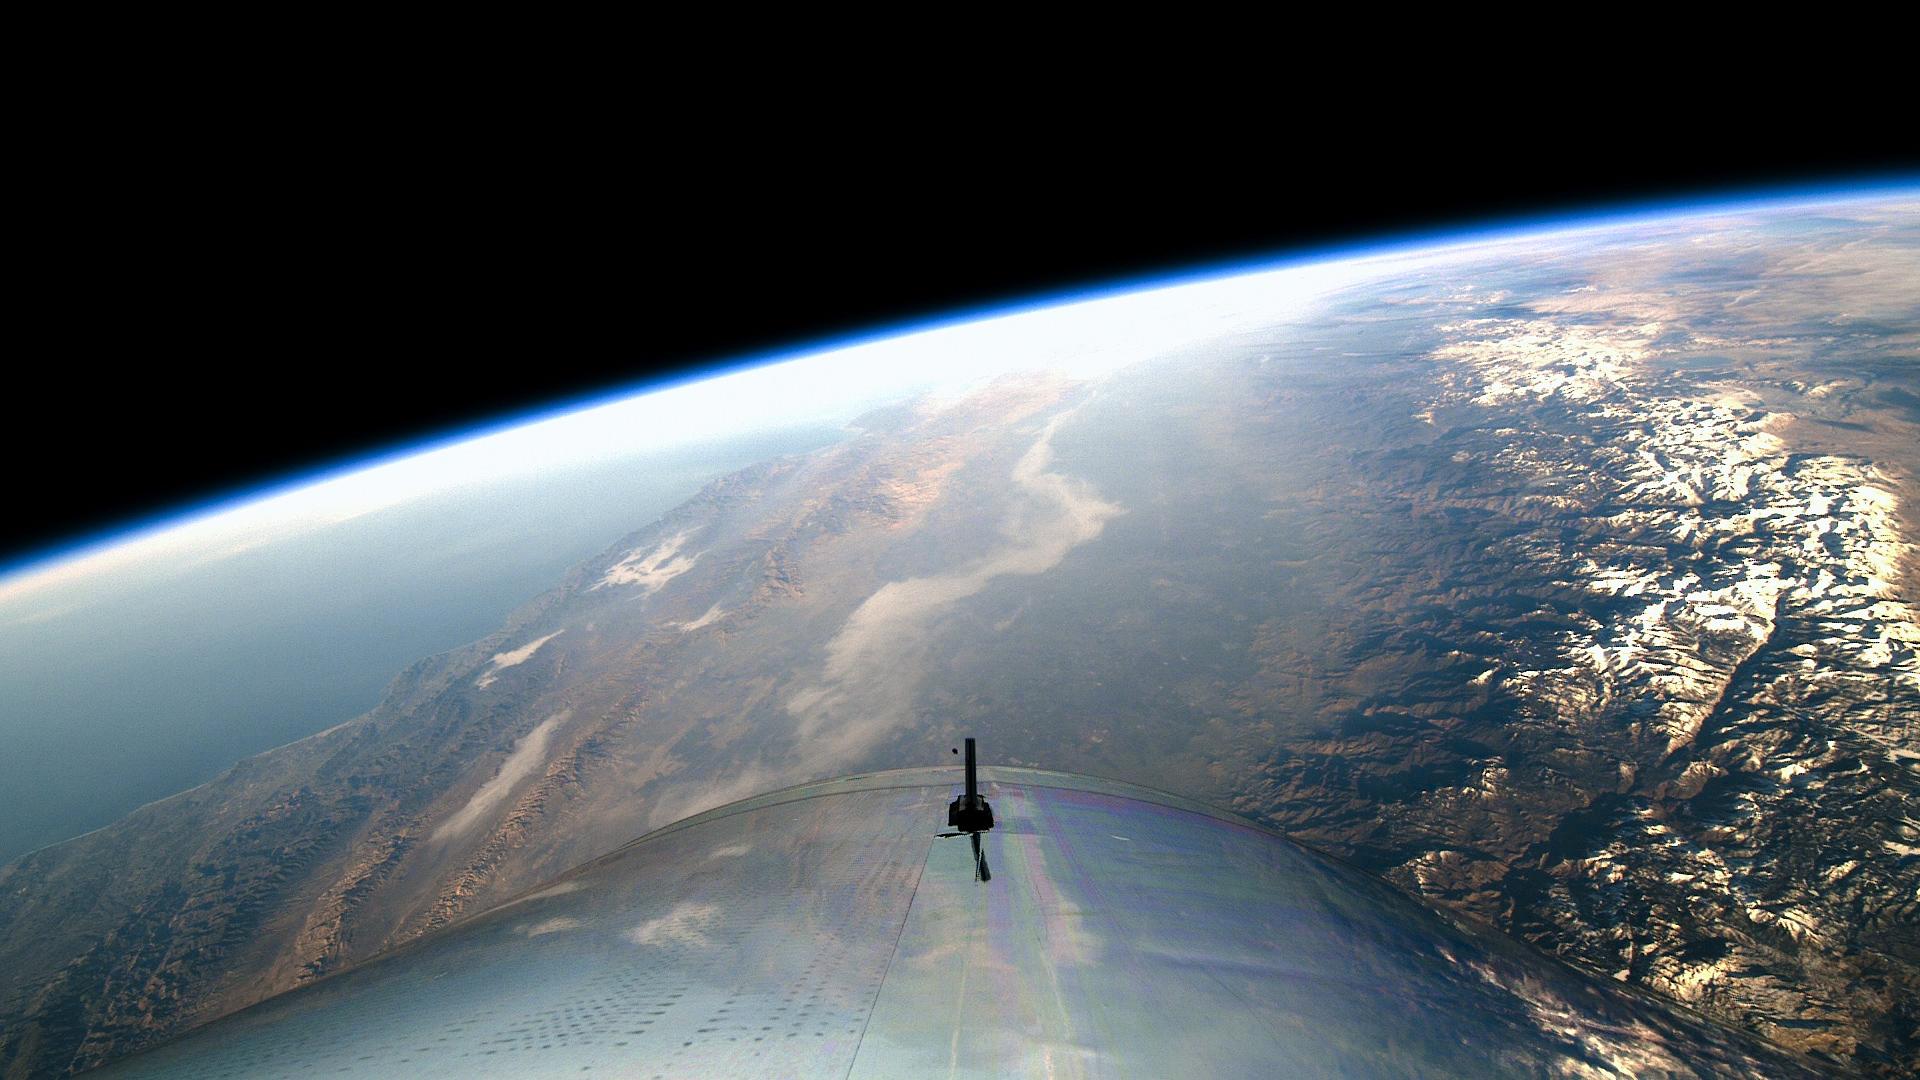 Virgin Galactic celebra con éxito primer vuelo espacial tripulado